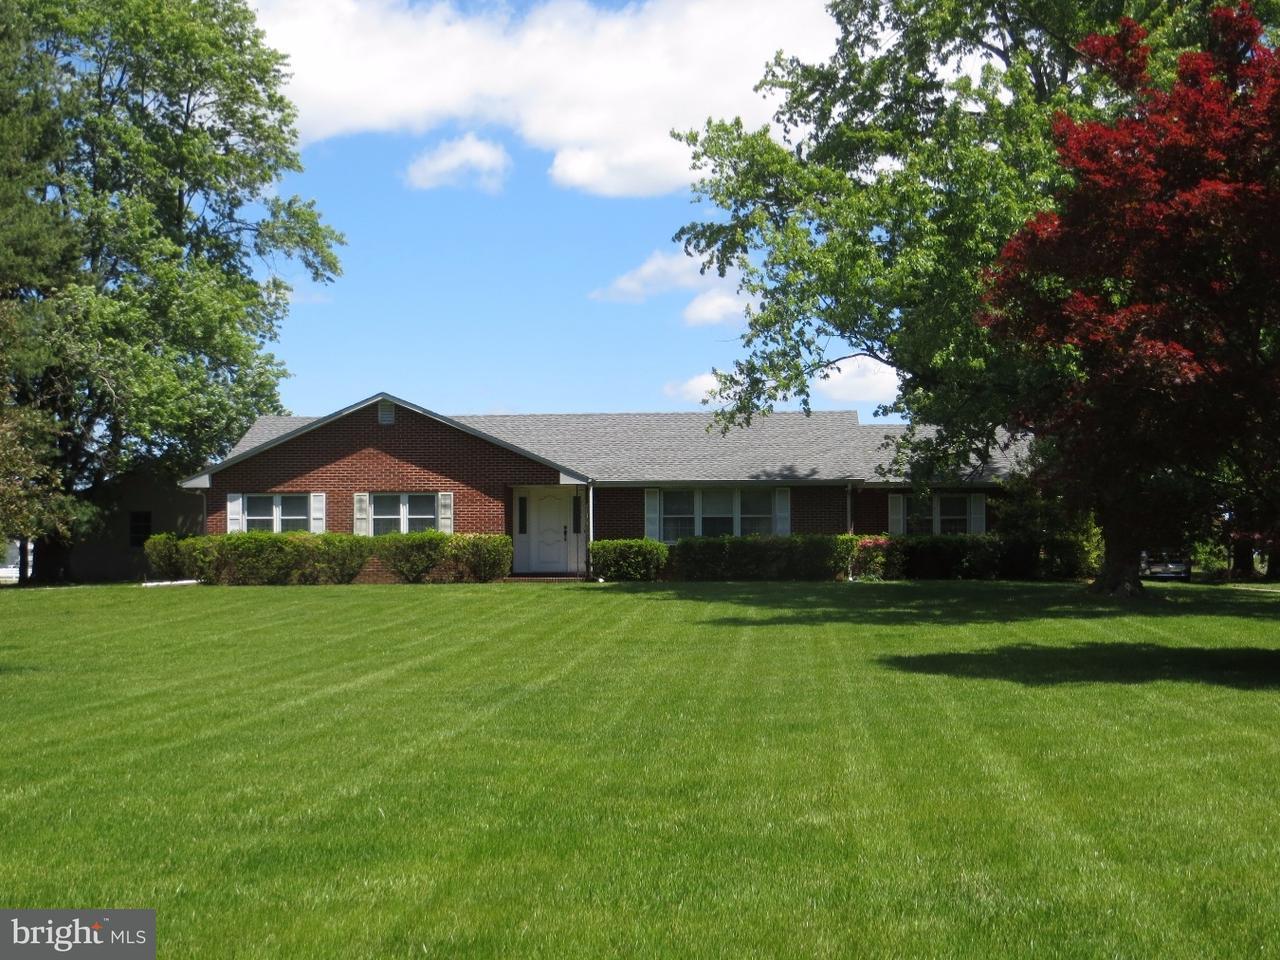 农场 为 销售 在 2215 FOSTERTOWN Road Hainesport, 新泽西州 08036 美国